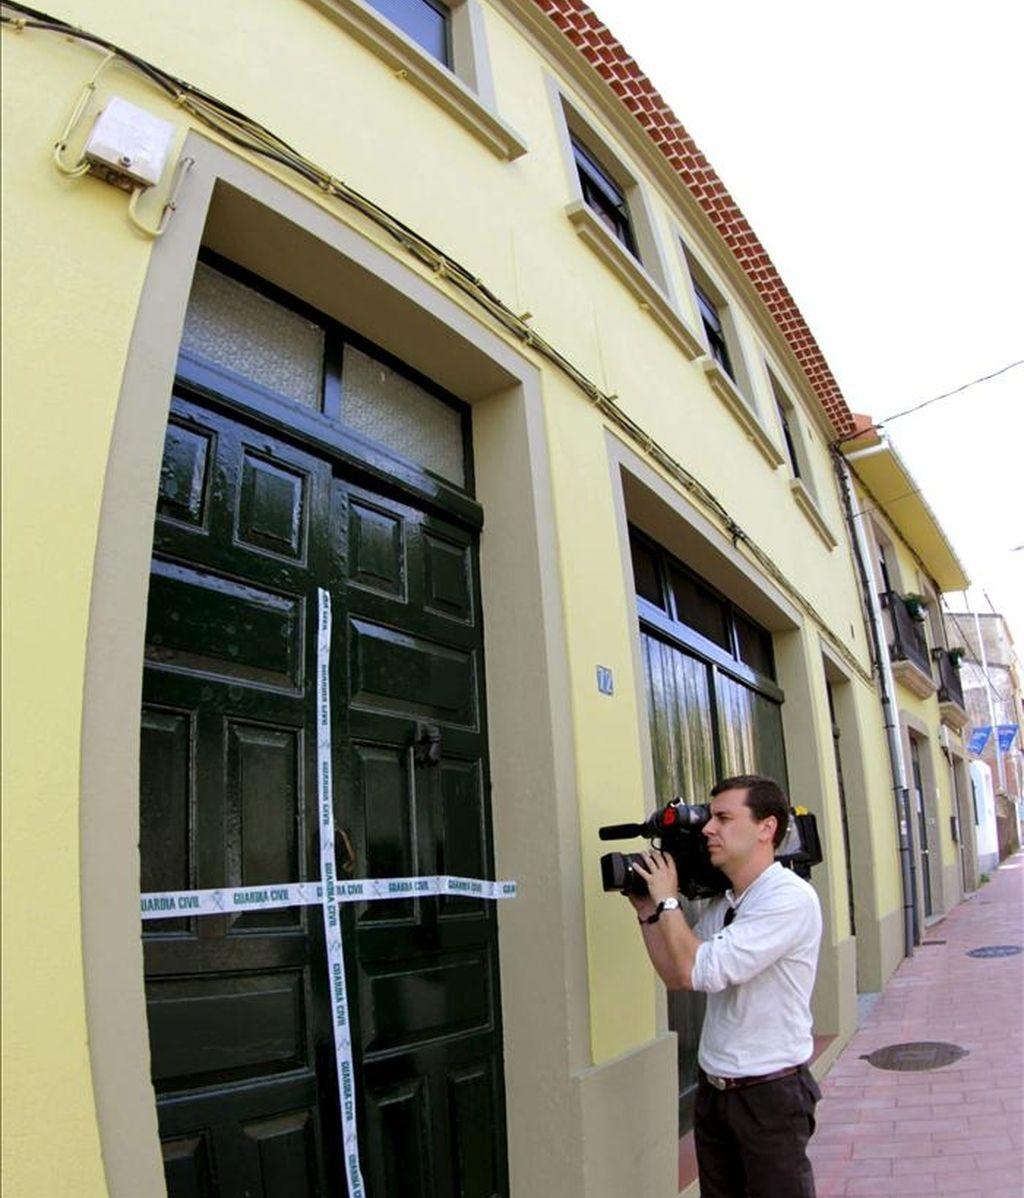 Un reportero toma imágenes de la puerta precintada de la vivienda de la población coruñesa de Noia donde una joven de 19 años apareció ayer muerta, brutalmente acuchillada. EFE